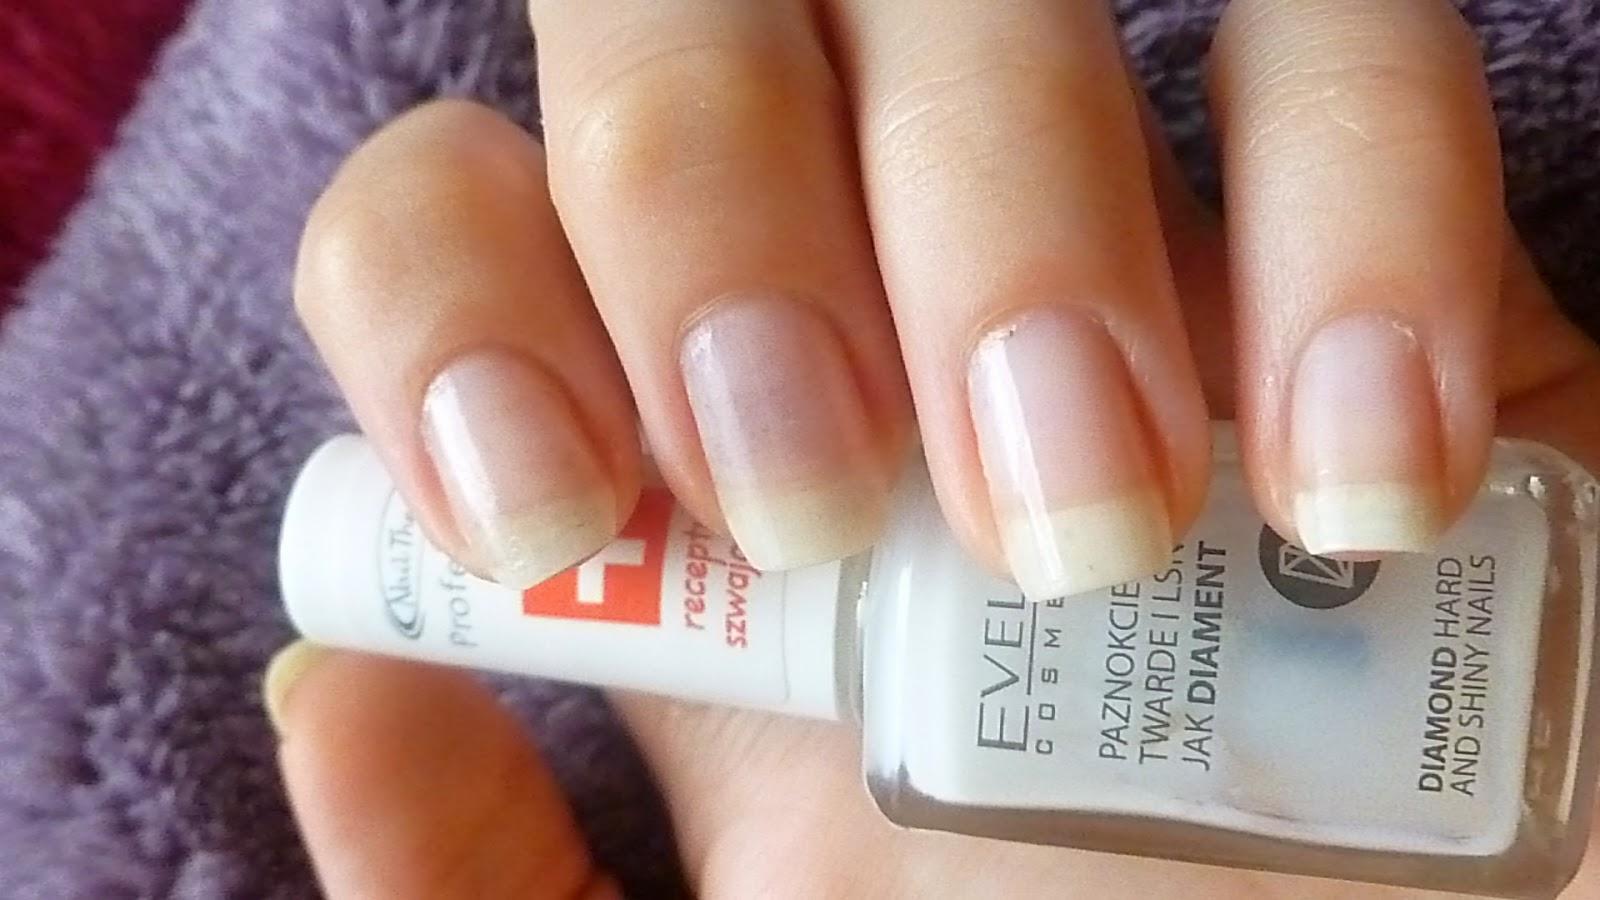 Eveline cosmetics - paznokcie twarde jak diament!